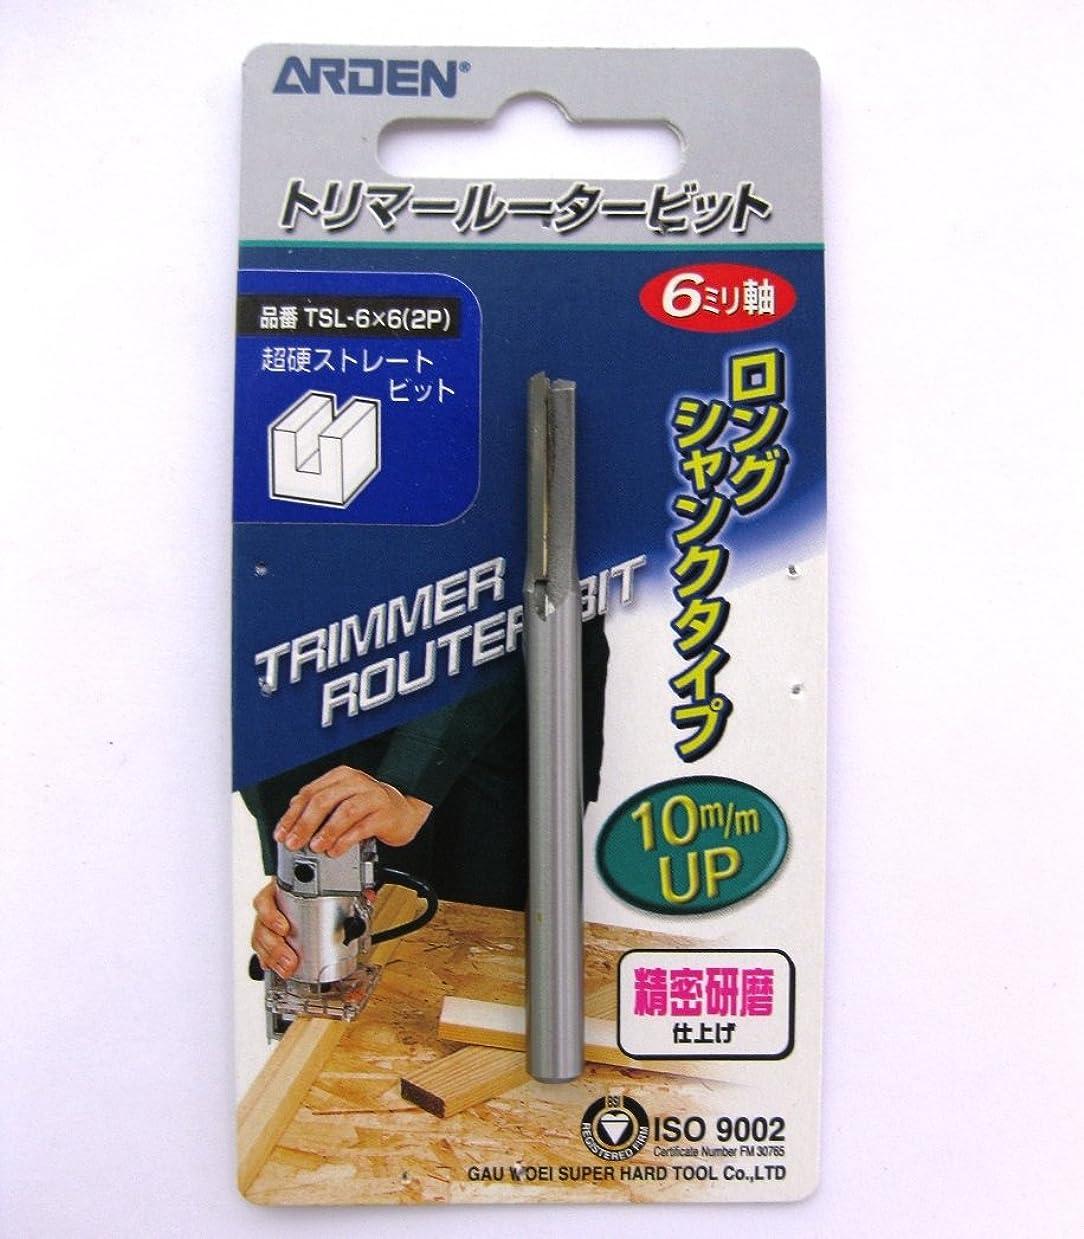 モック暖かさ金属Bestgle 2ピース超硬刃ルータービット 電動トリマー用ビット ルータービット木工用 切削工具 戸板彫刻 6.35ミリメートル(1/4